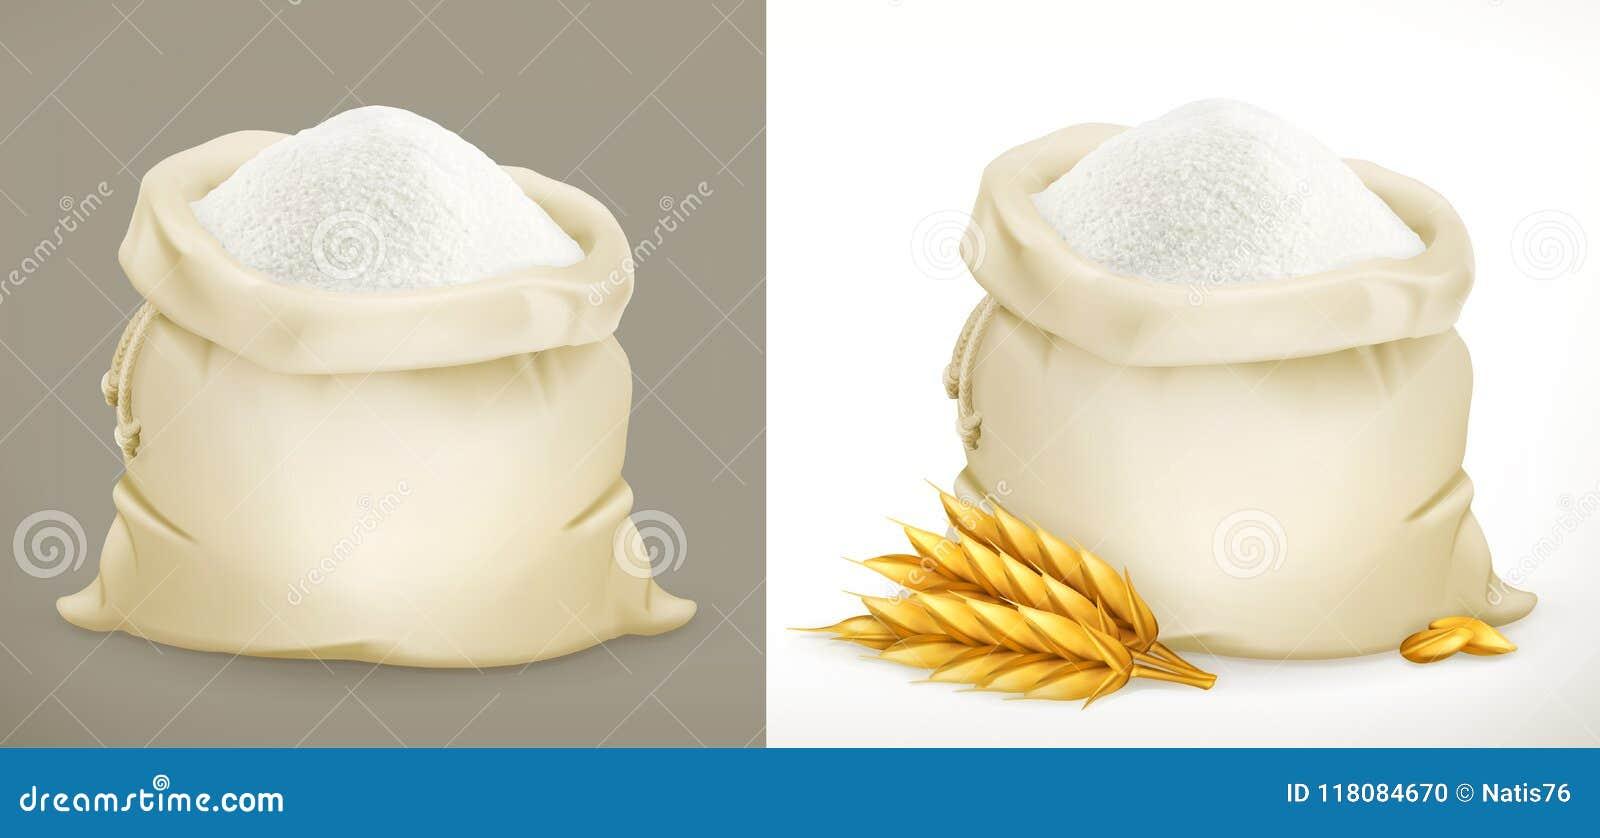 Sac de farine et de blé vecteur 3d